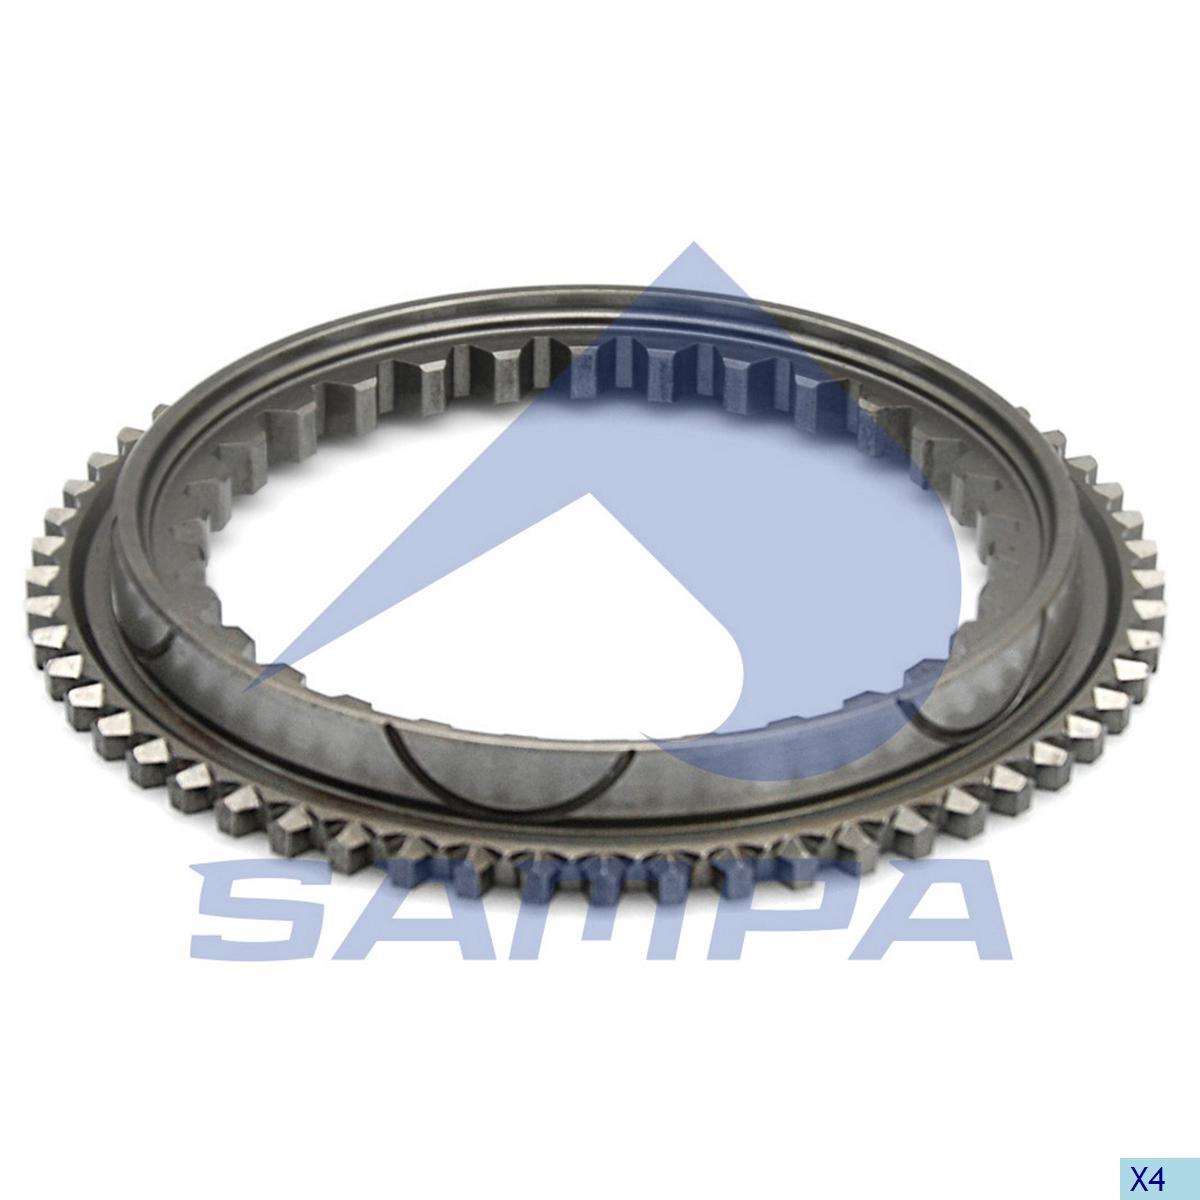 Synchronizing Ring, Main Shaft, Daf, Gear Box